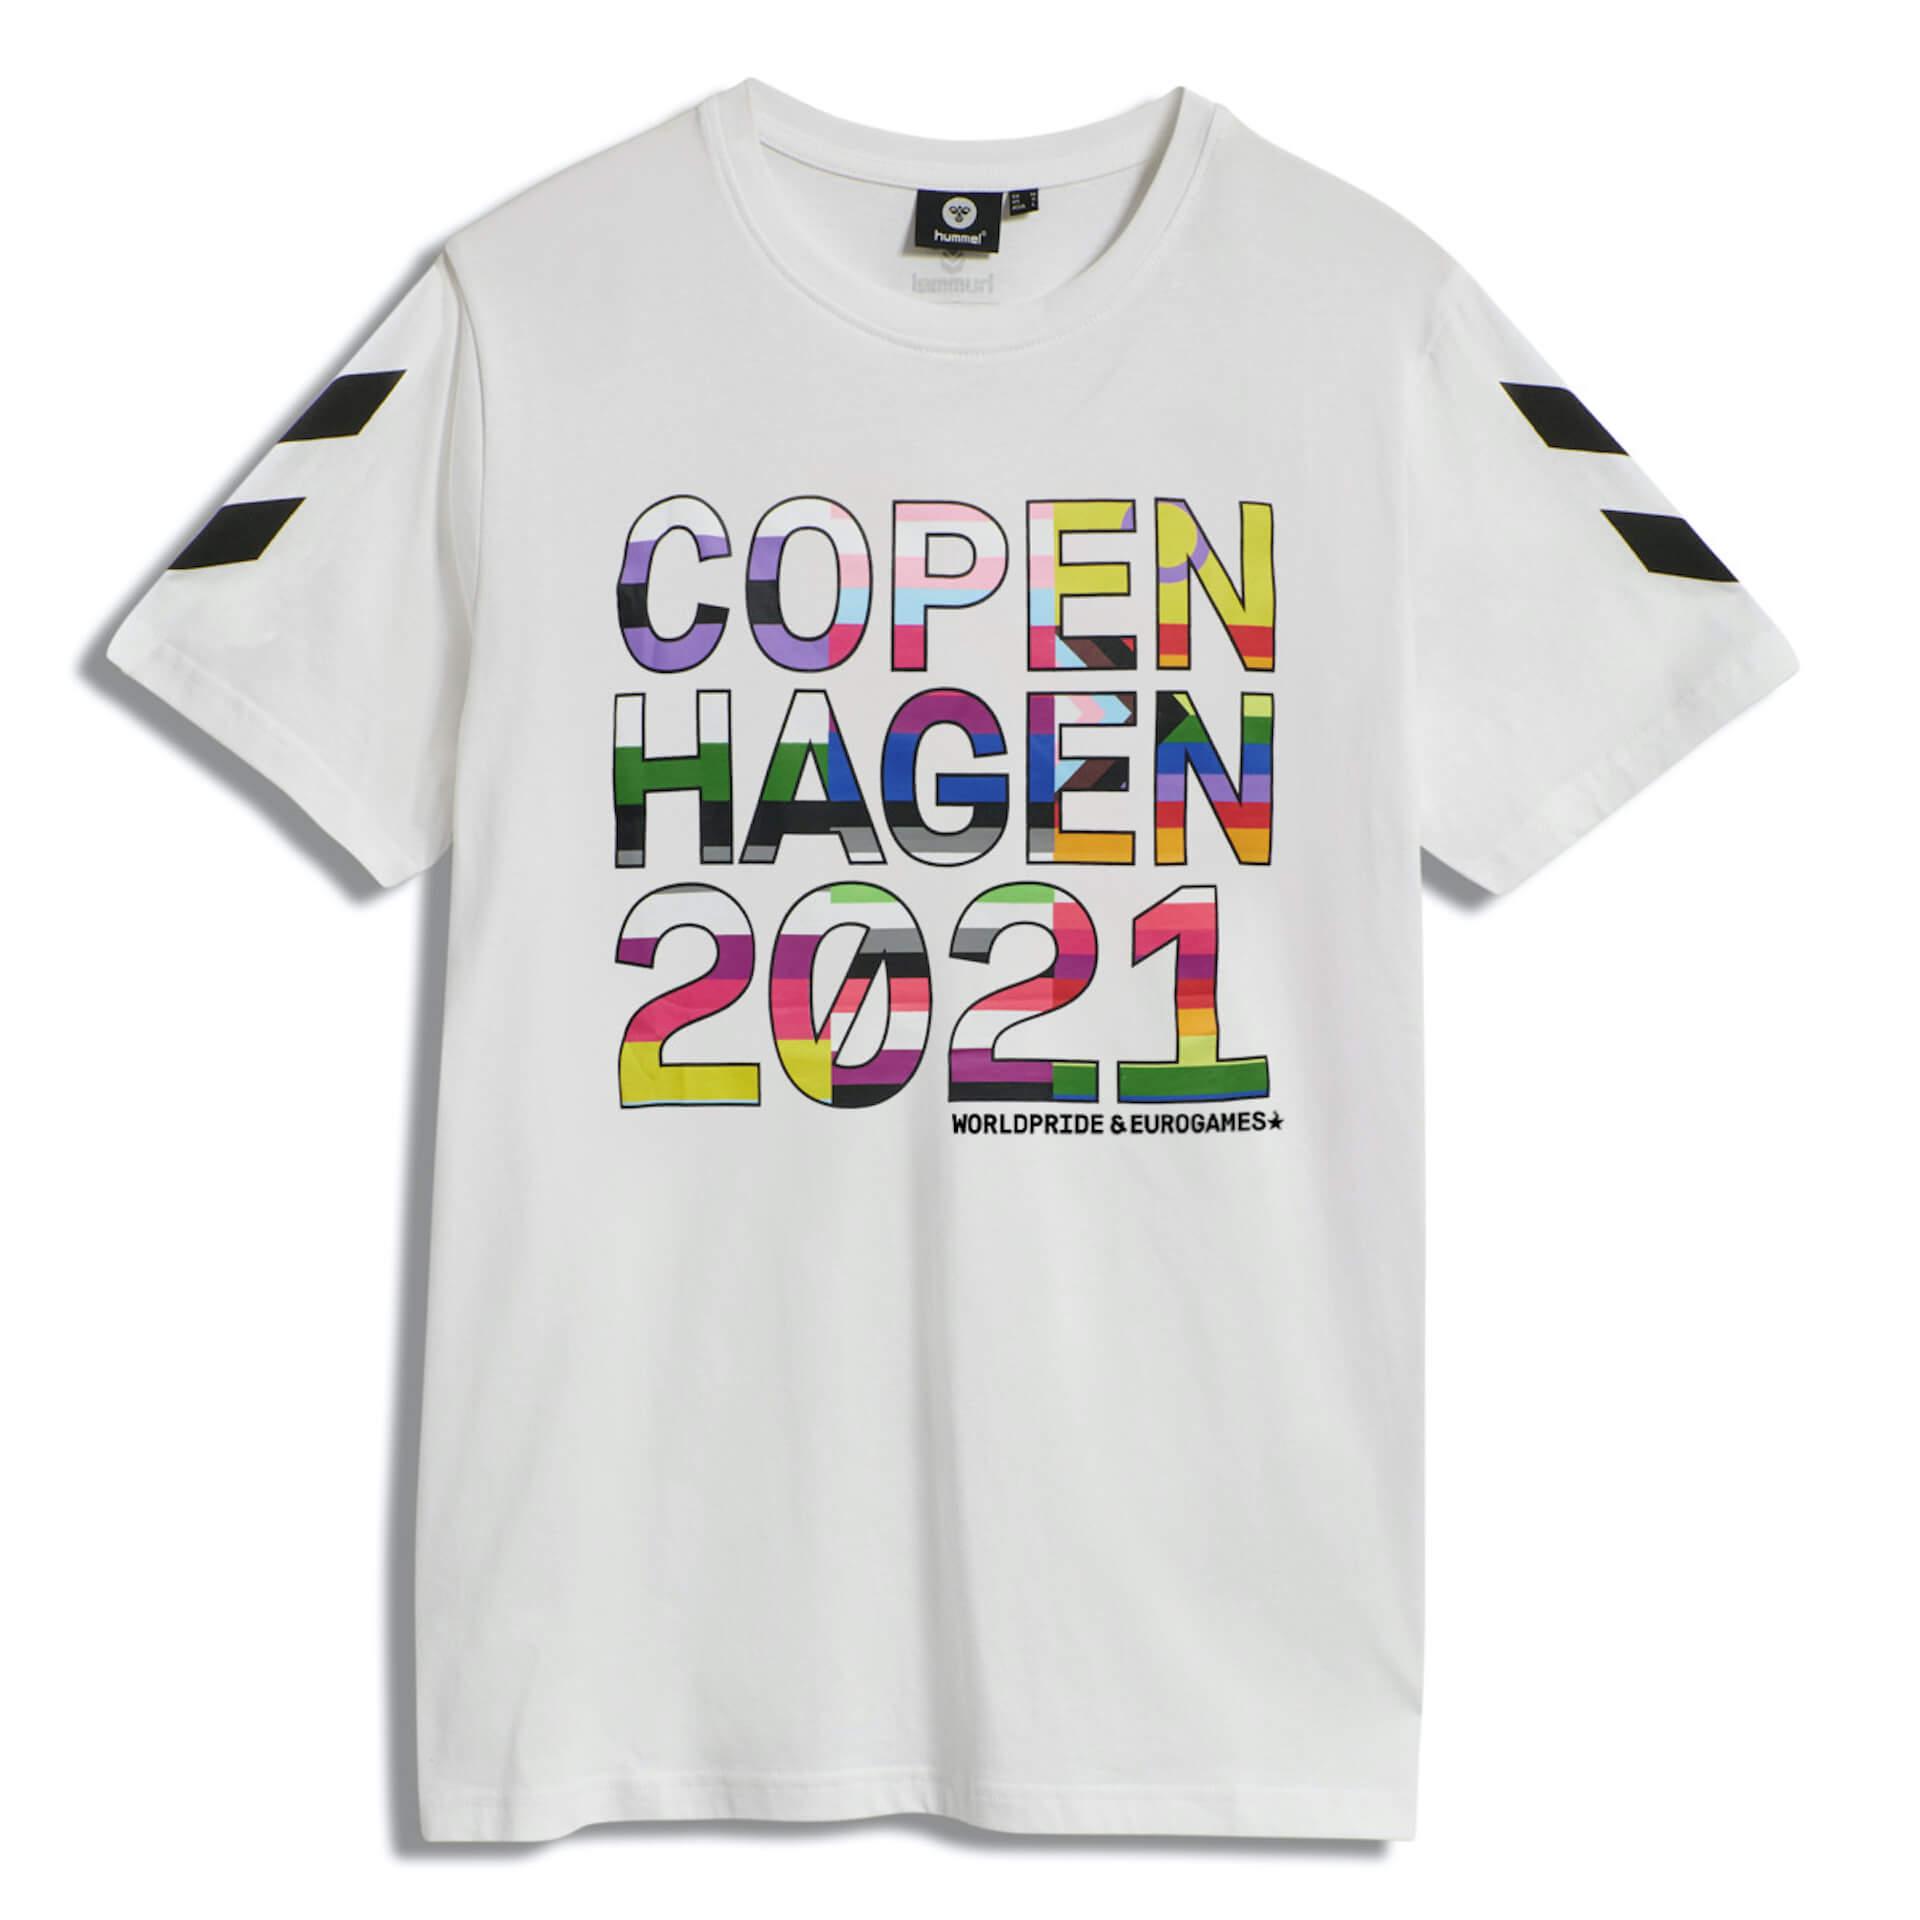 多様性を祝福する「ヒュンメル×コペンハーゲン 2021」コラボグッズが限定発売! Fashion_210706_hummel2